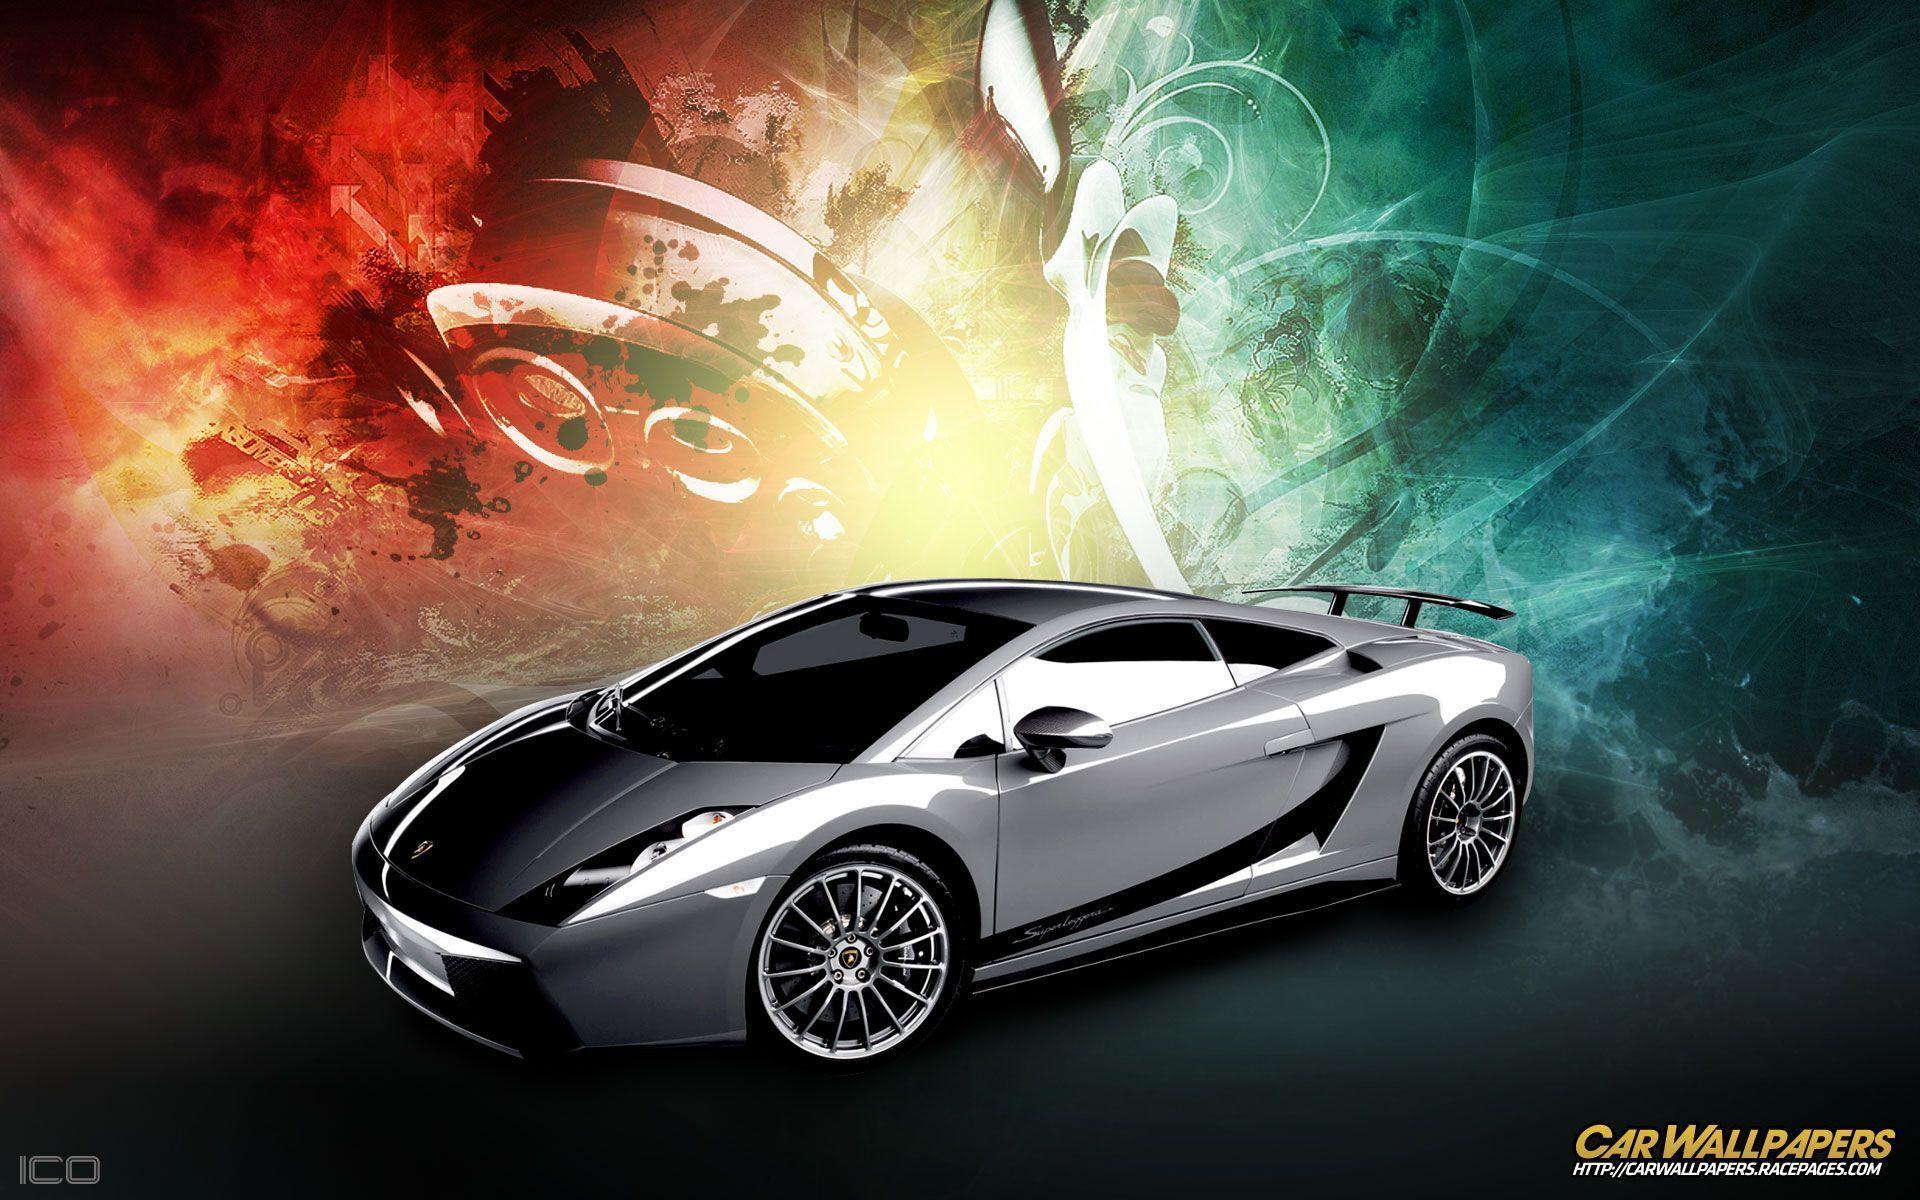 Lamborghini Gallardo Wallpaper Hd